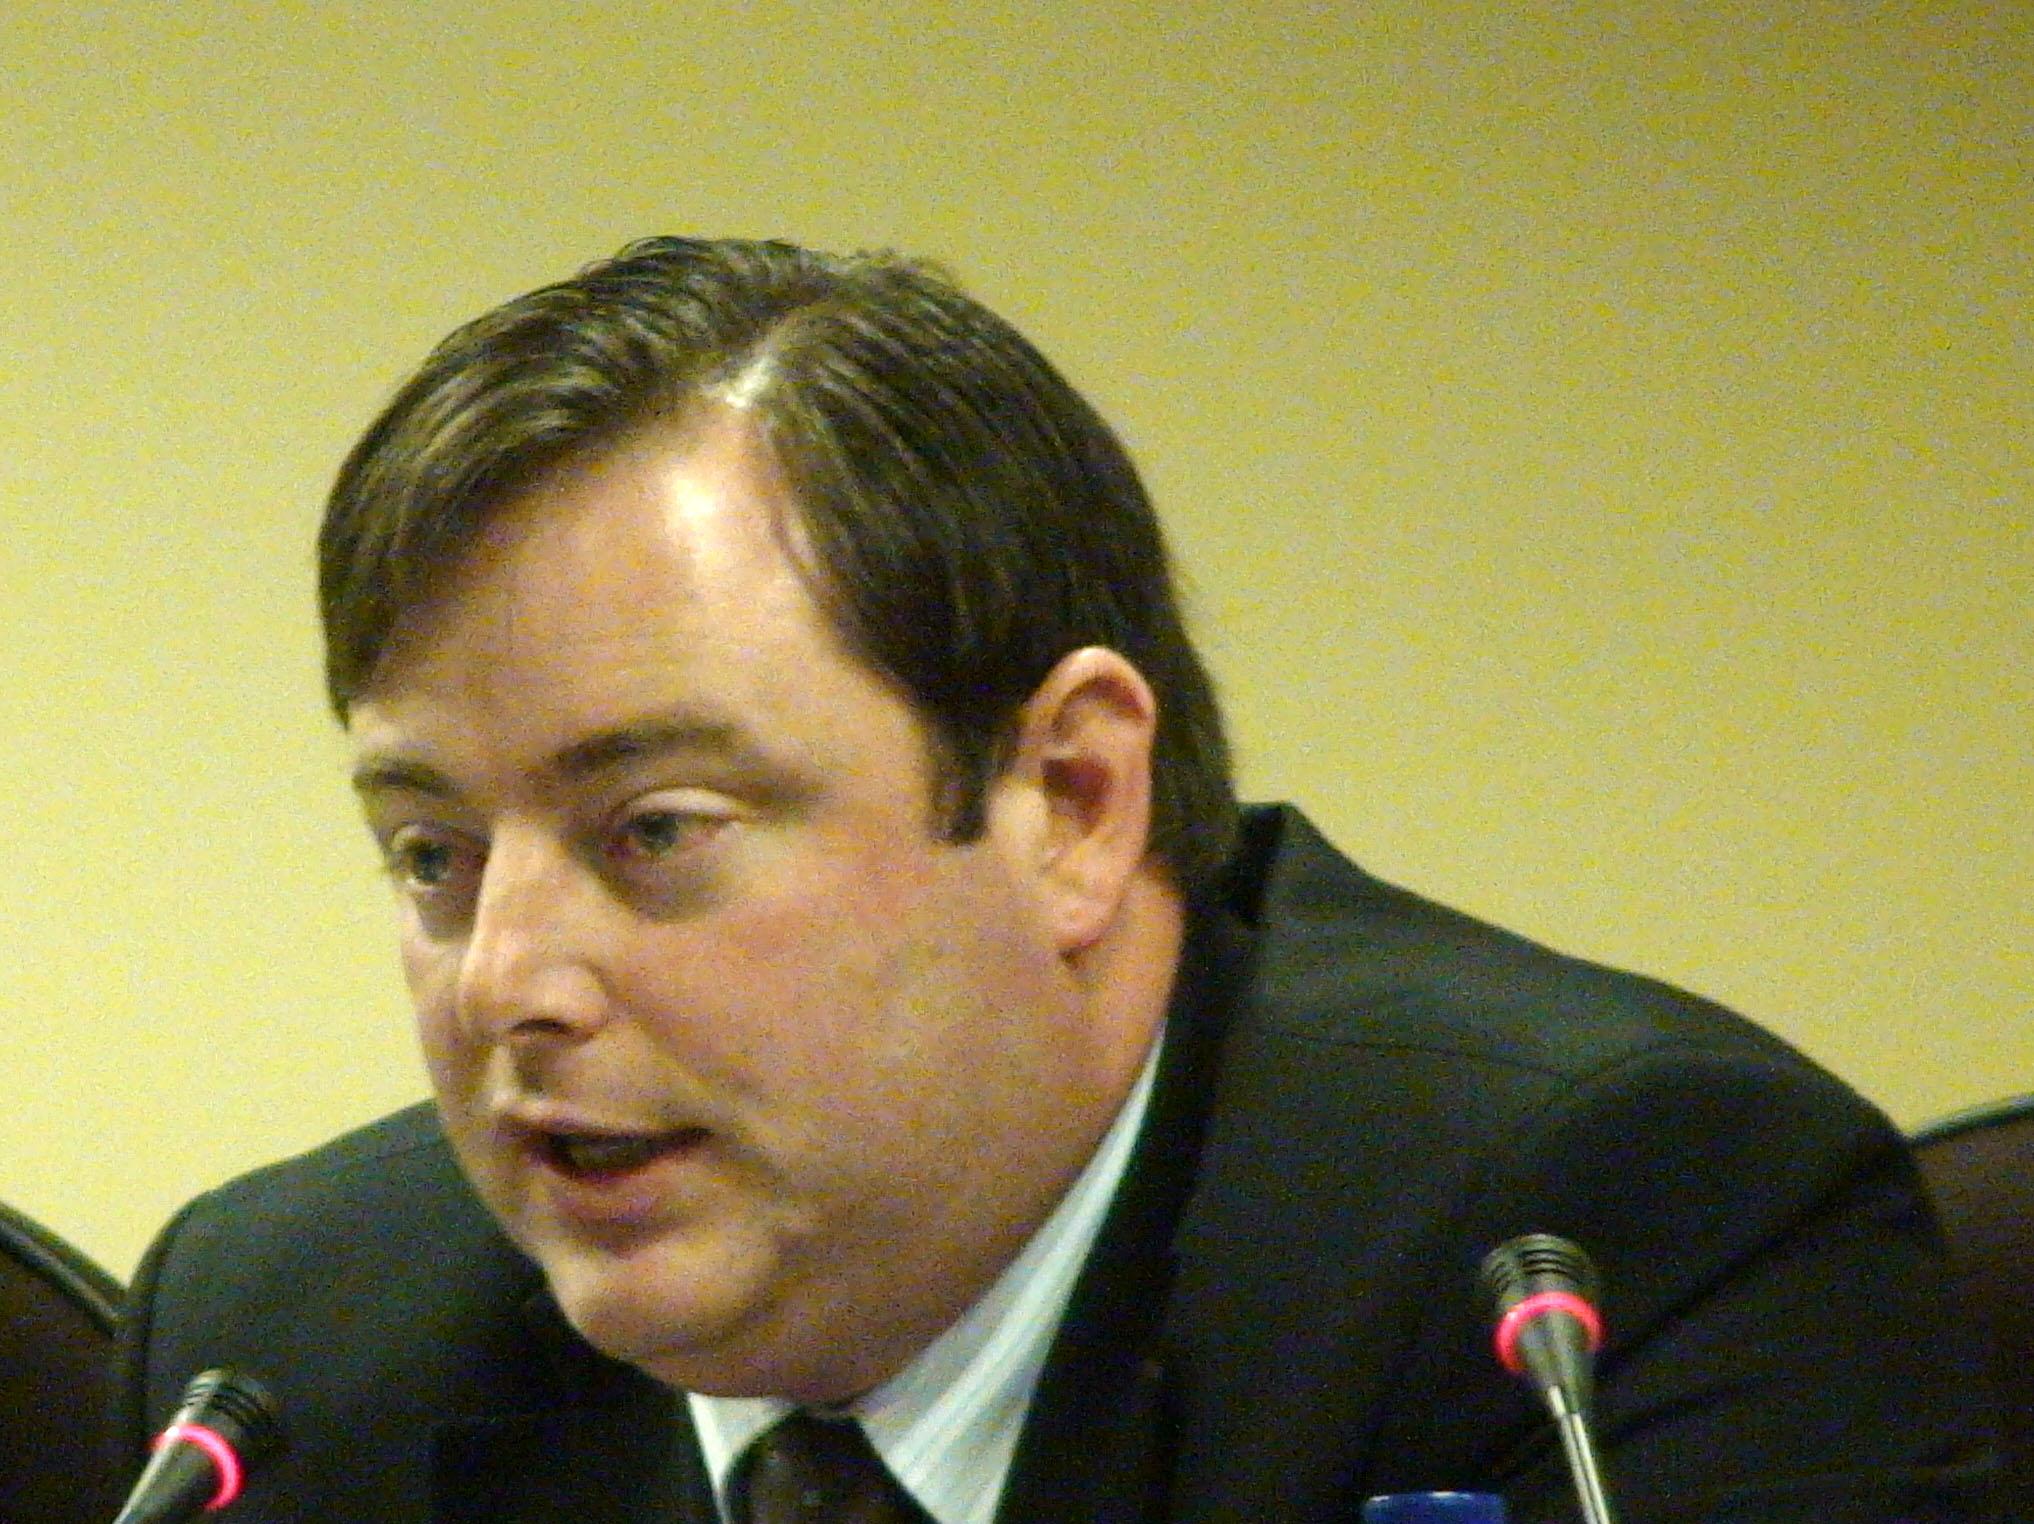 Luc Van Braekel